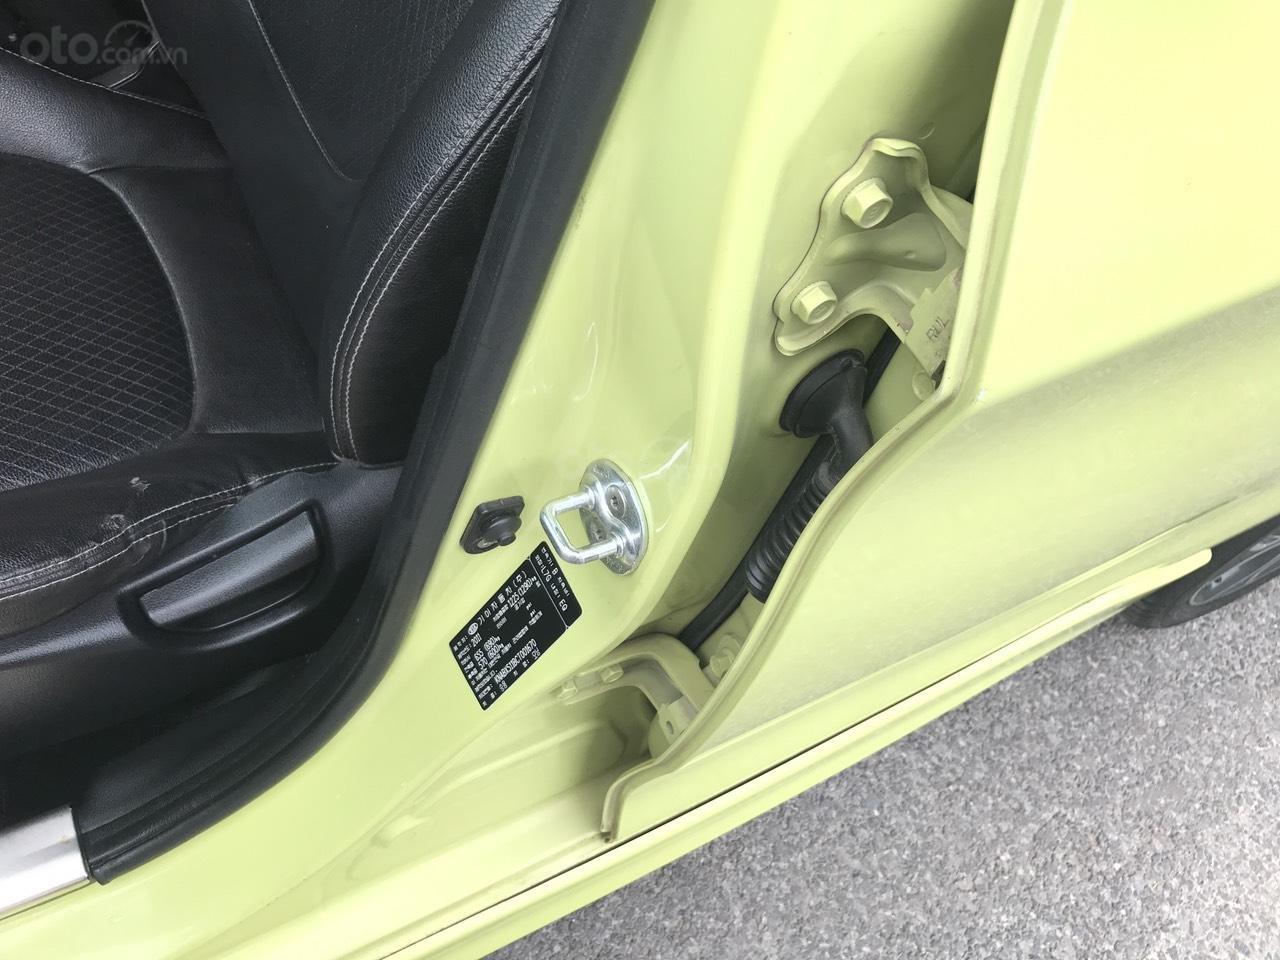 Kia Morning 1.0AT Sport cuối 2011 vàng chanh, 1 chủ, không mới, không đẹp, không chất tặng xe luôn, đẹp nhất thị trường (10)